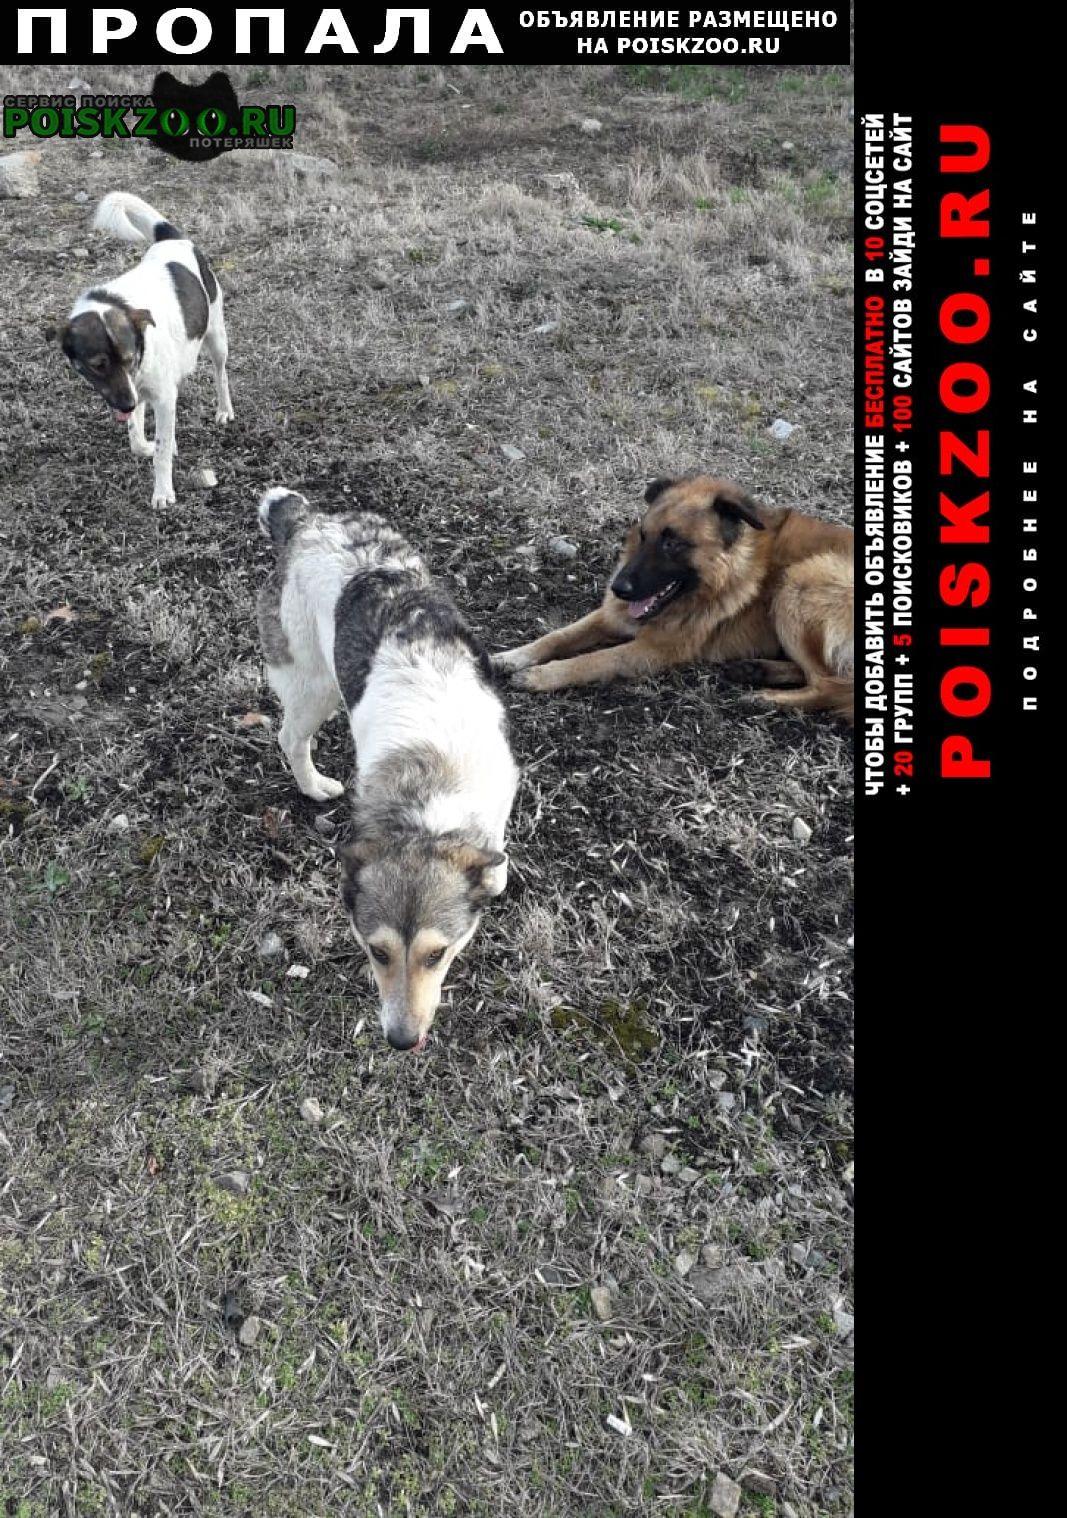 Пропала собака в новотитаровской и 2 собаки Краснодар